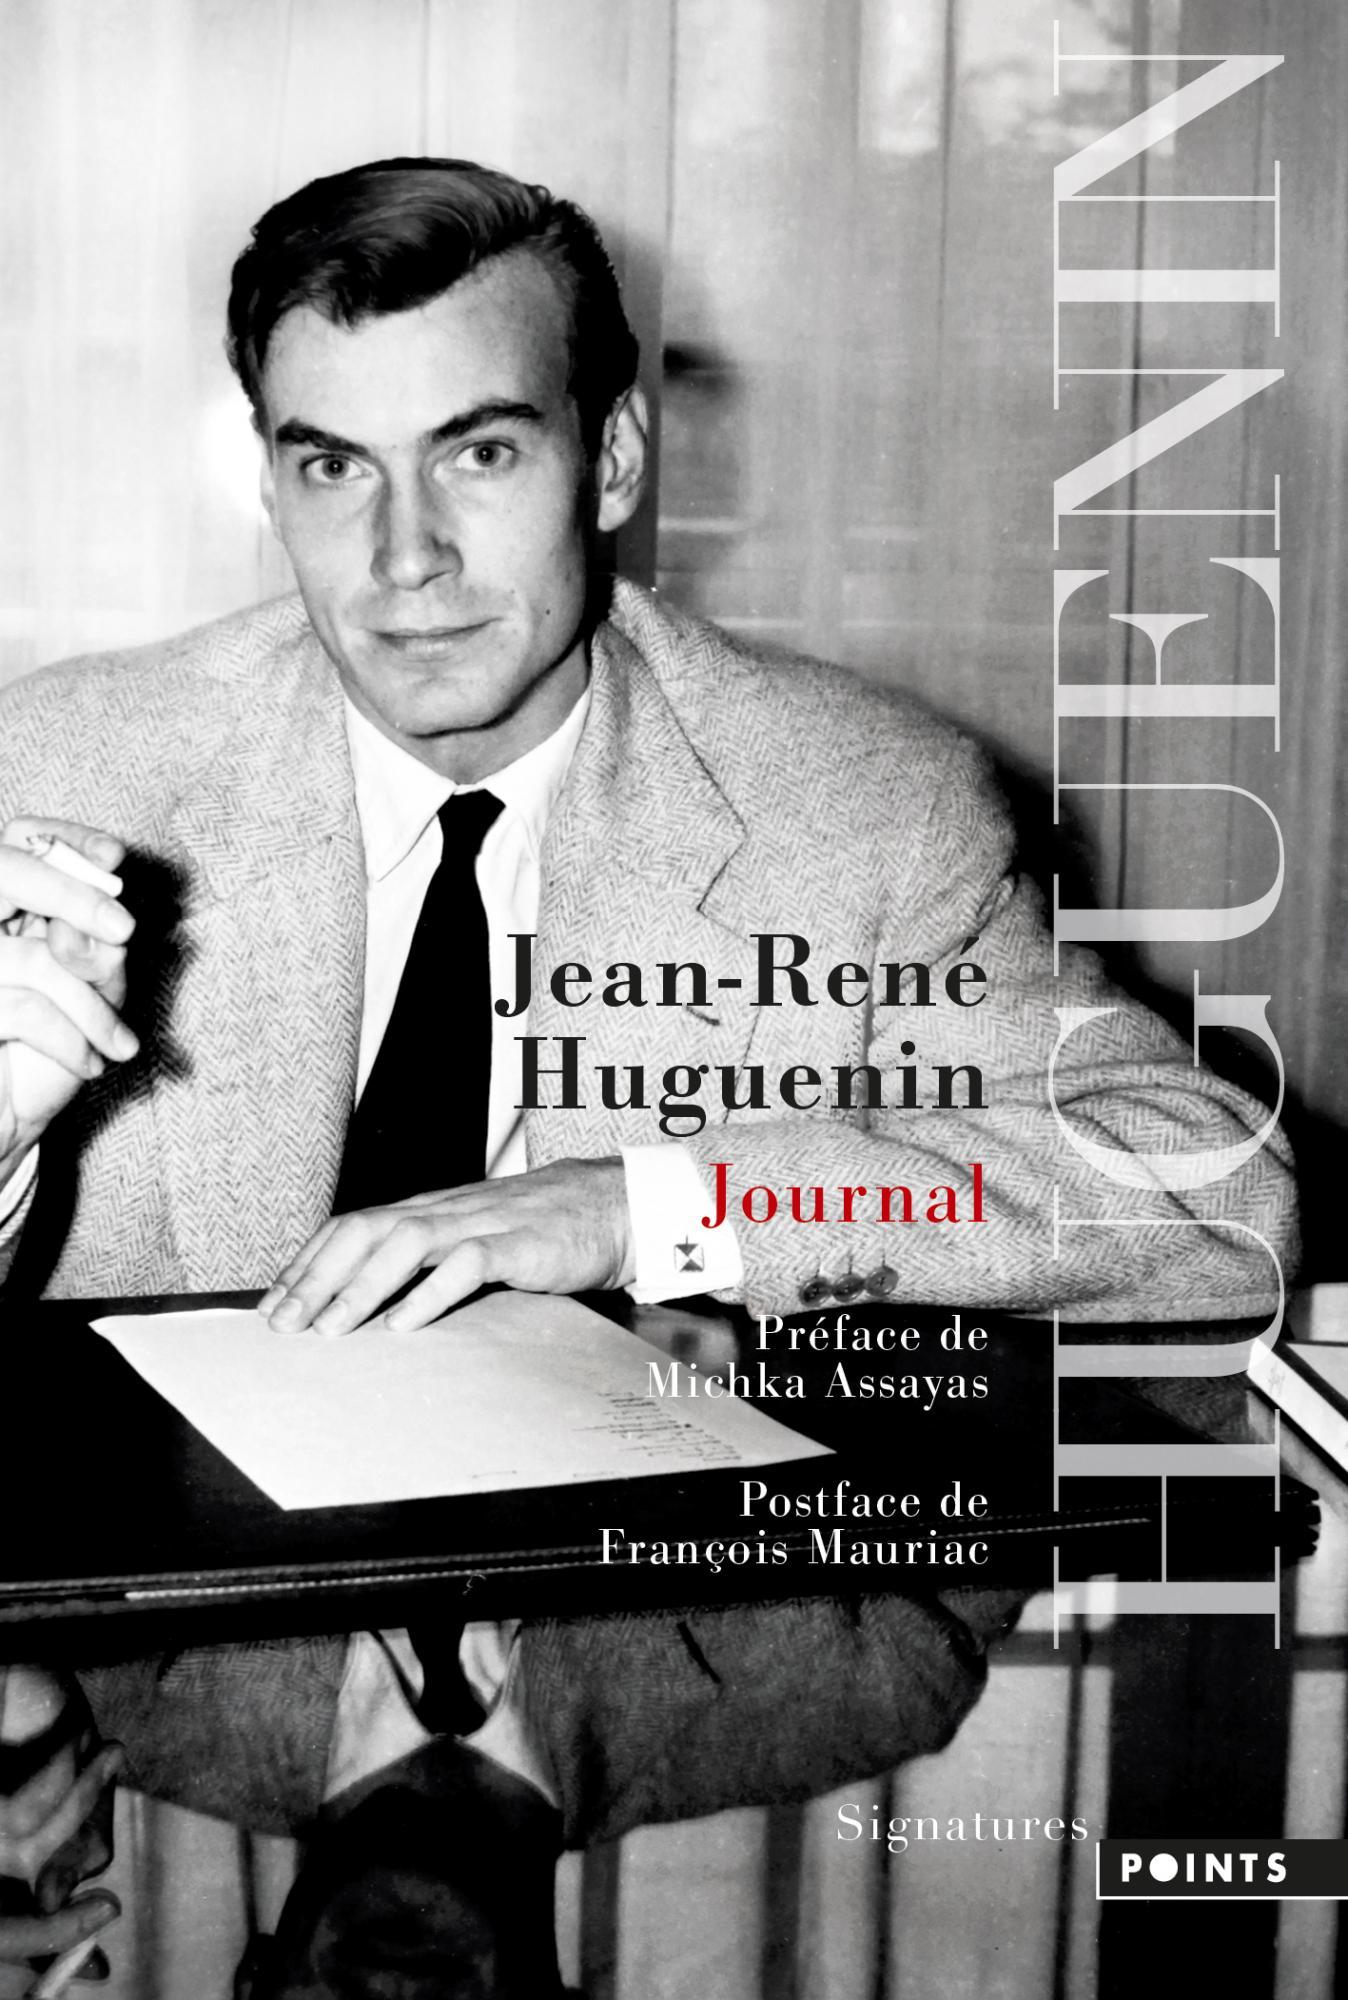 J.-R. Huguenin, Journal